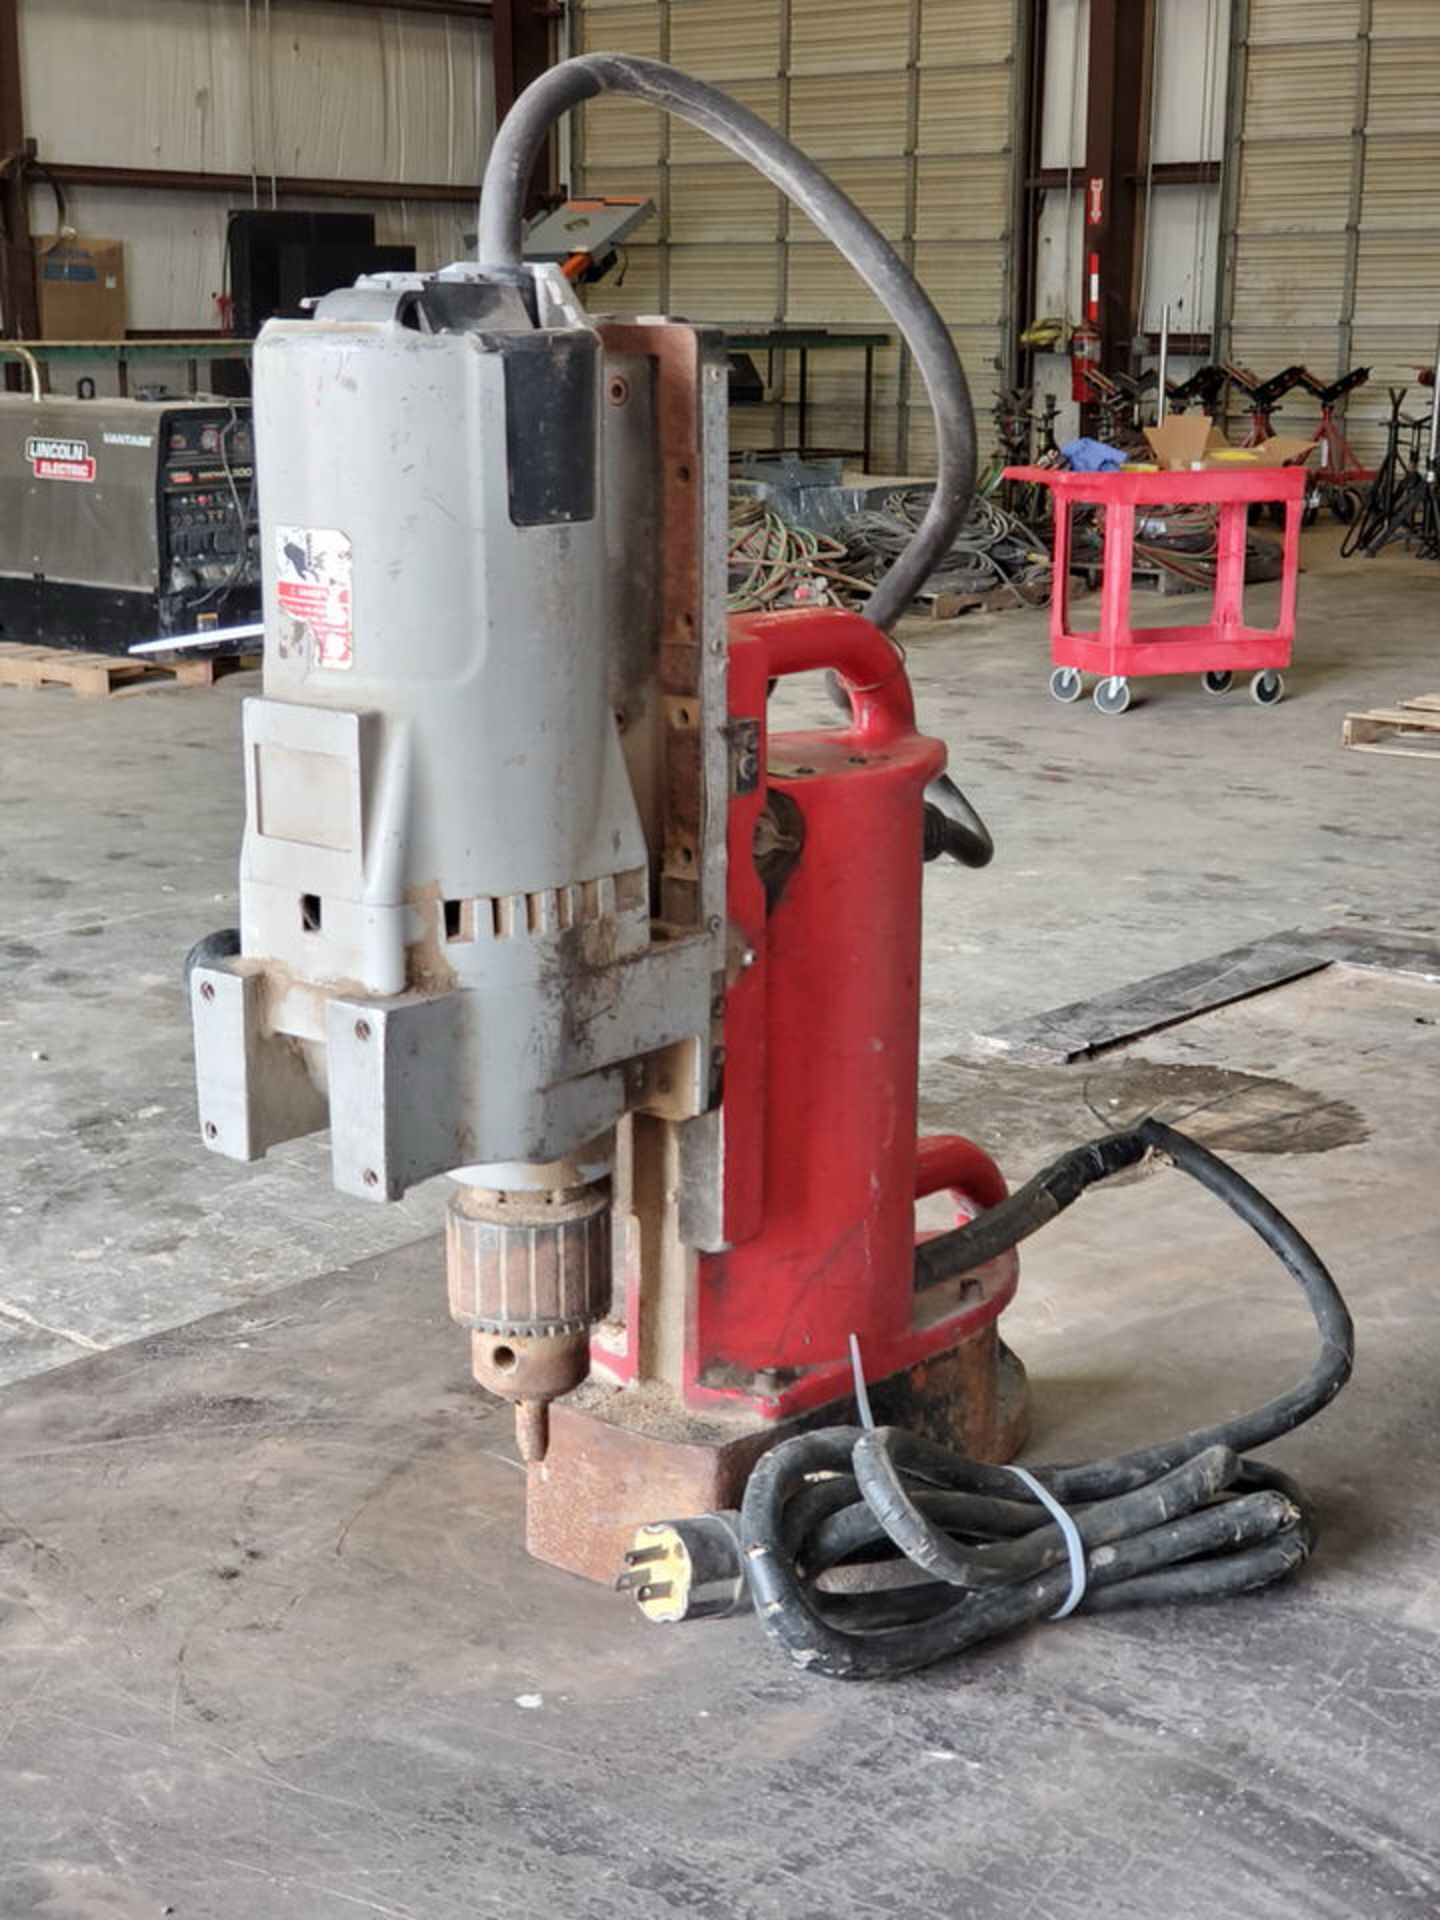 Milwaukee Mag Drill 120V, 12.5A, 60HZ, 250/500RPM - Image 2 of 5